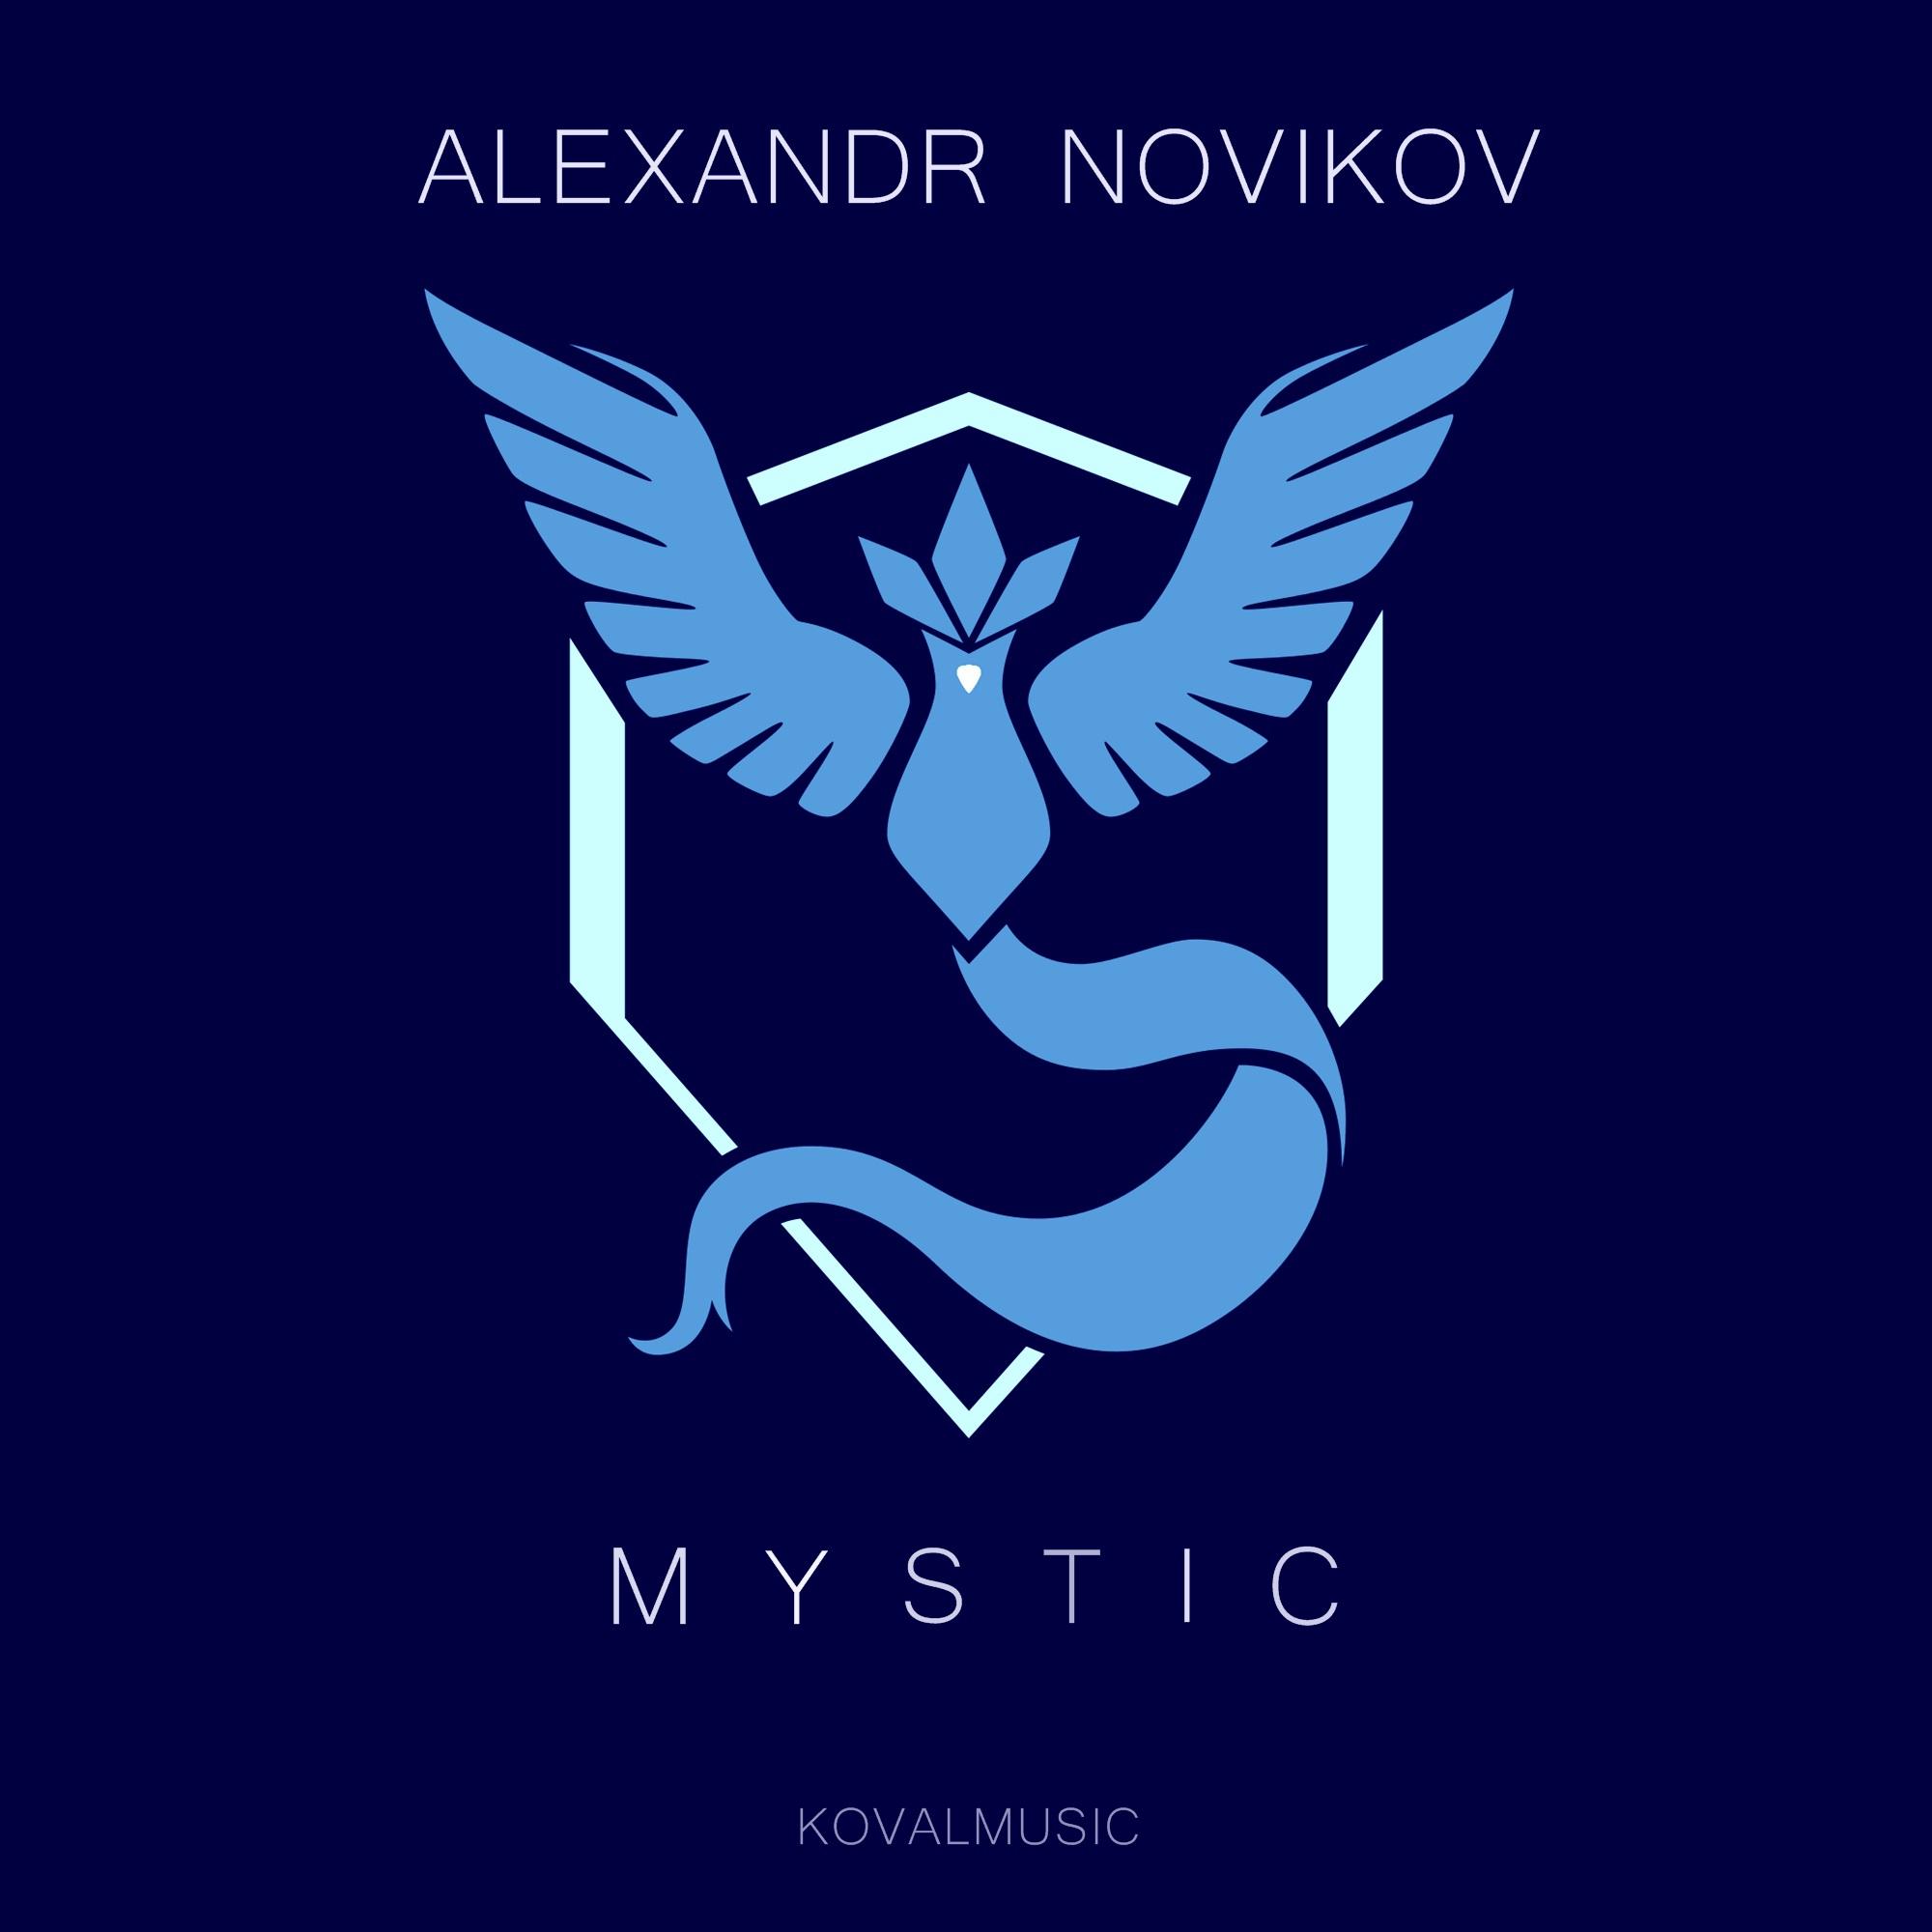 Alexandr Novikov - Mystic (Original Mix)